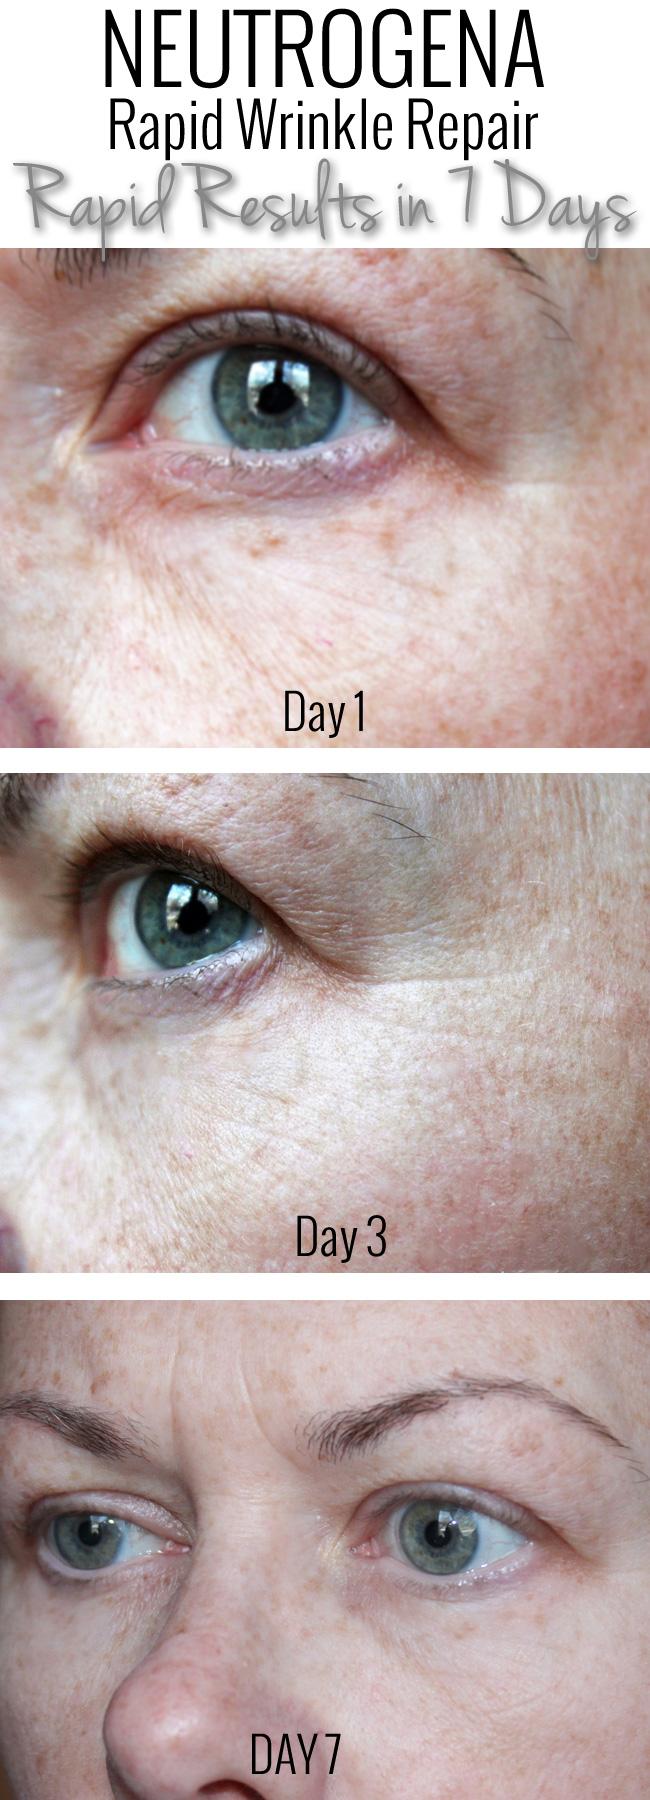 Neutrogena Rapid Wrinkle Repair Rapid Results